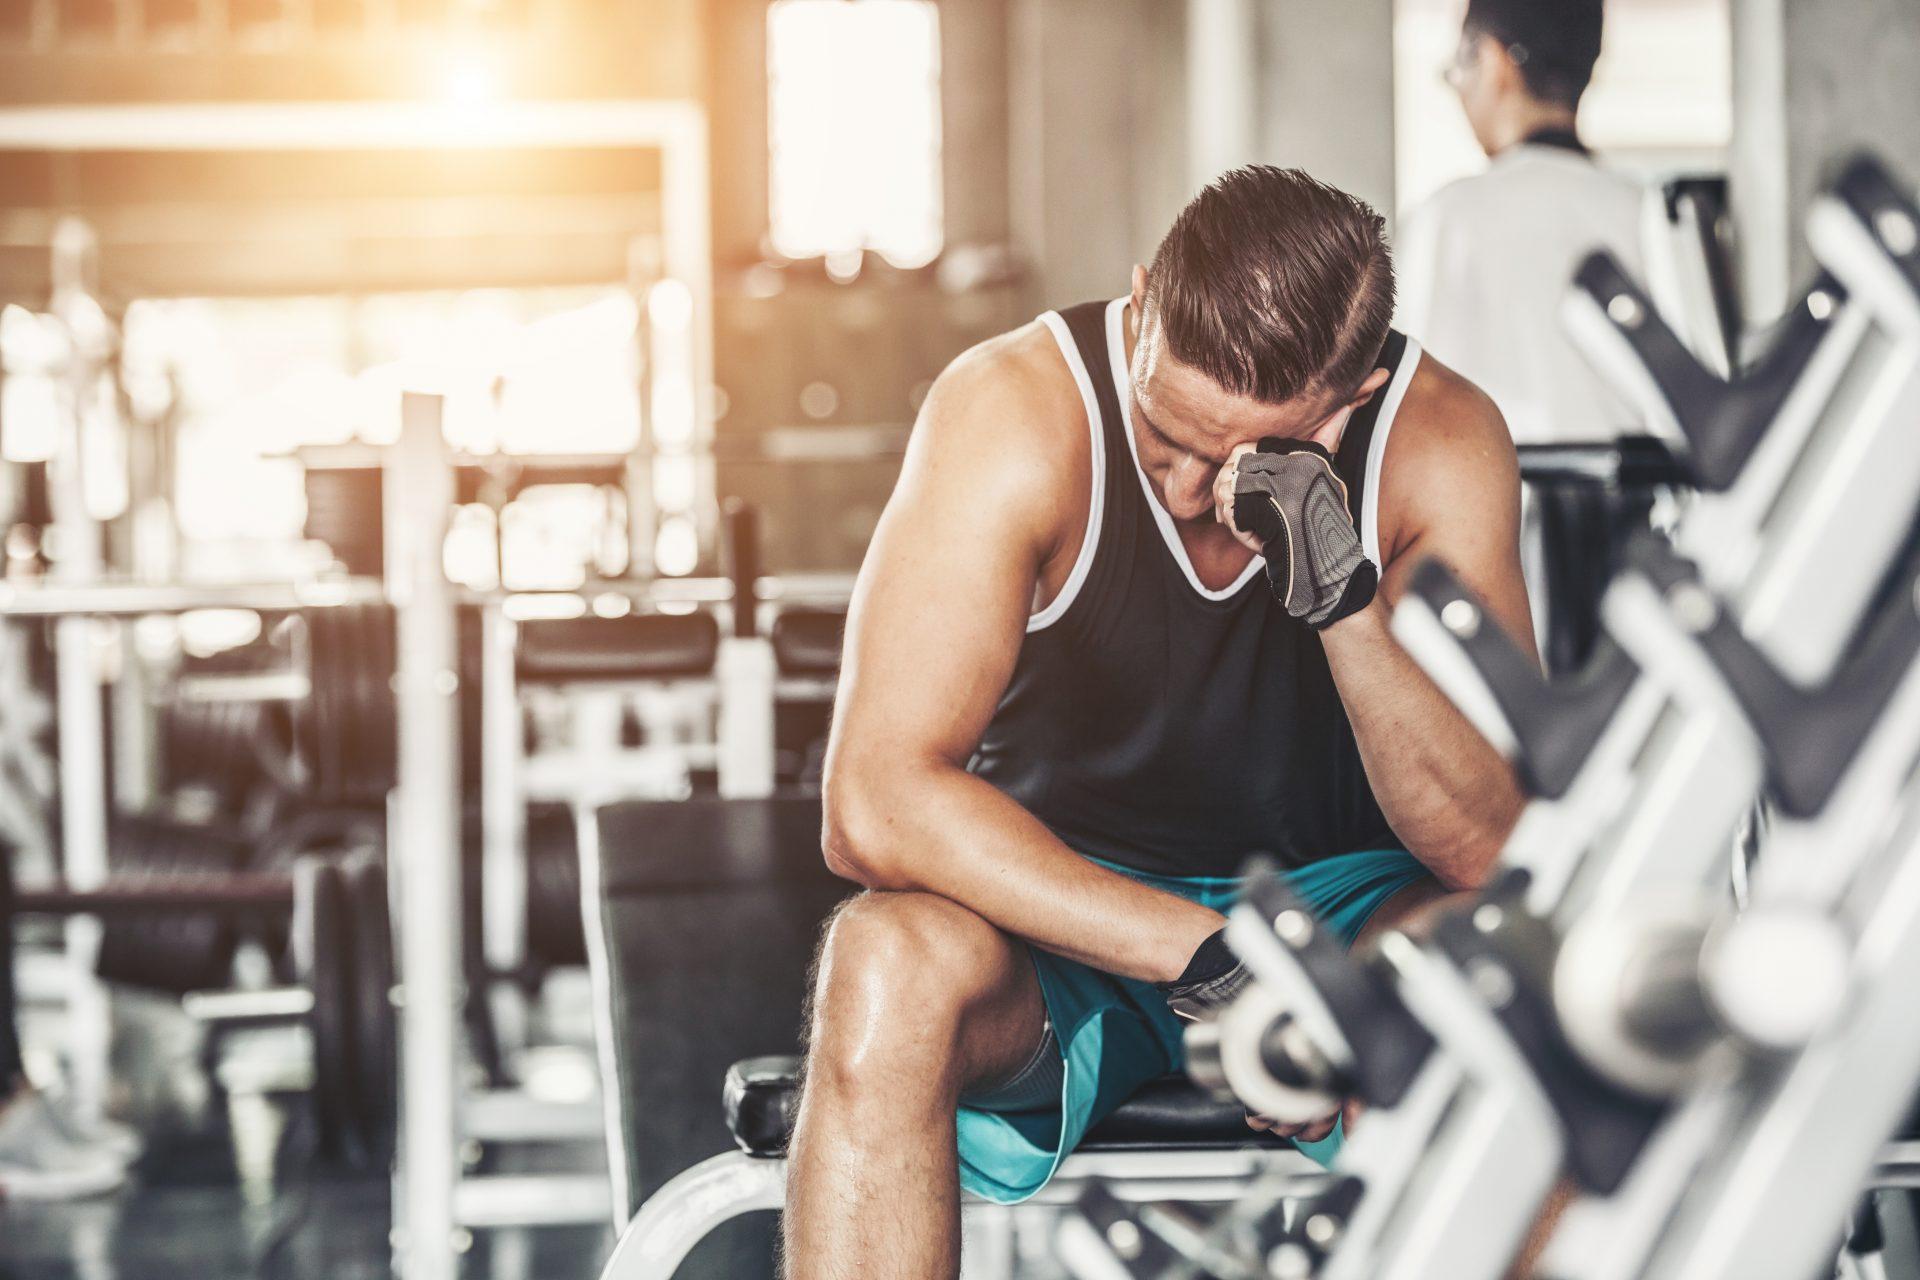 Zmęczony mężczyzna siedzi na siłowni